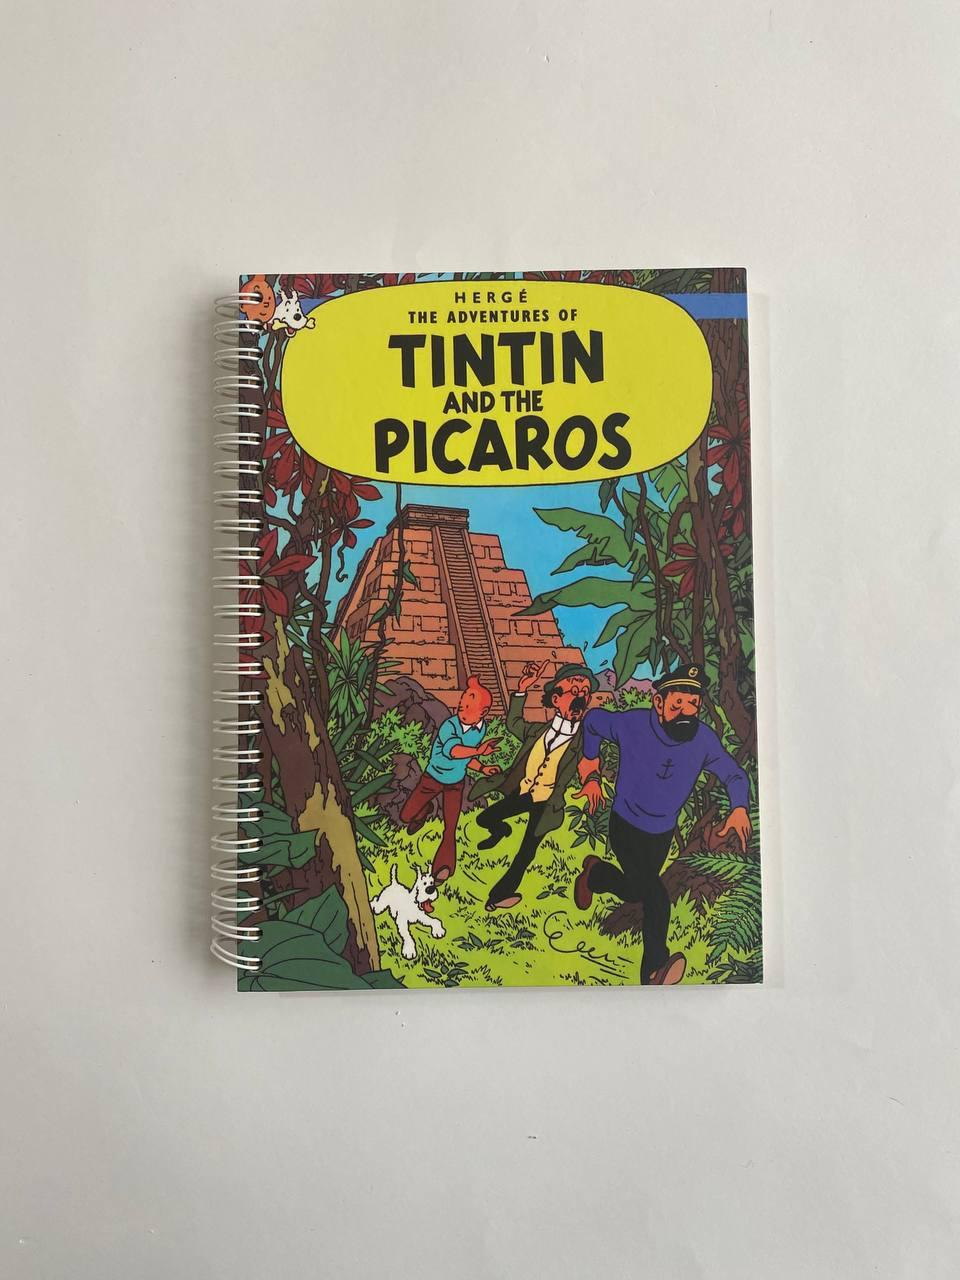 دفتر بولت ژورنال فانتزی تن تن پیکارو ها